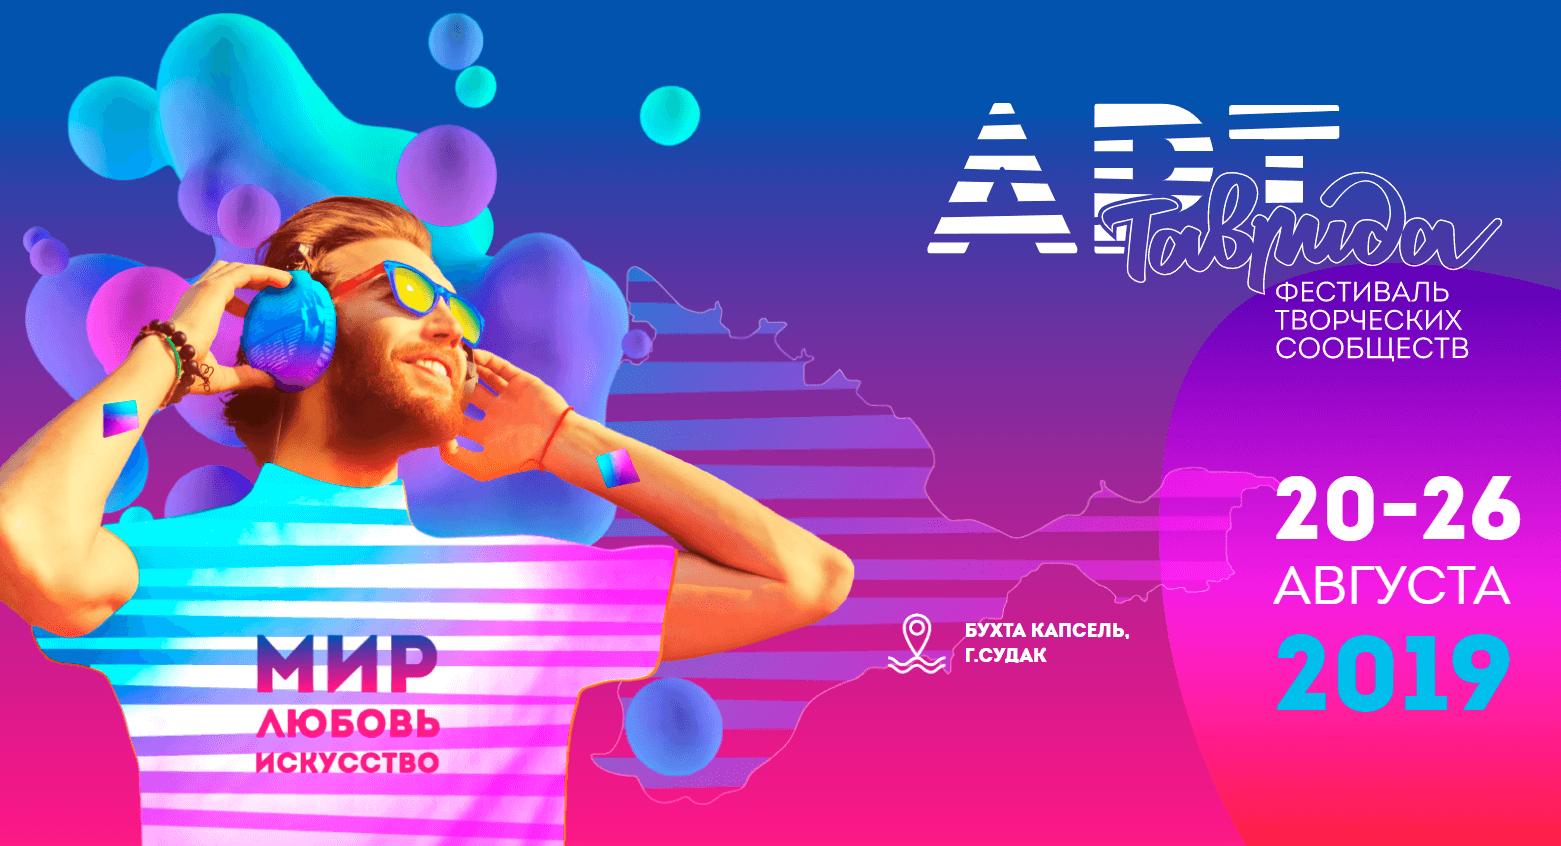 Фестиваль Таврида-АРТ в Крыму